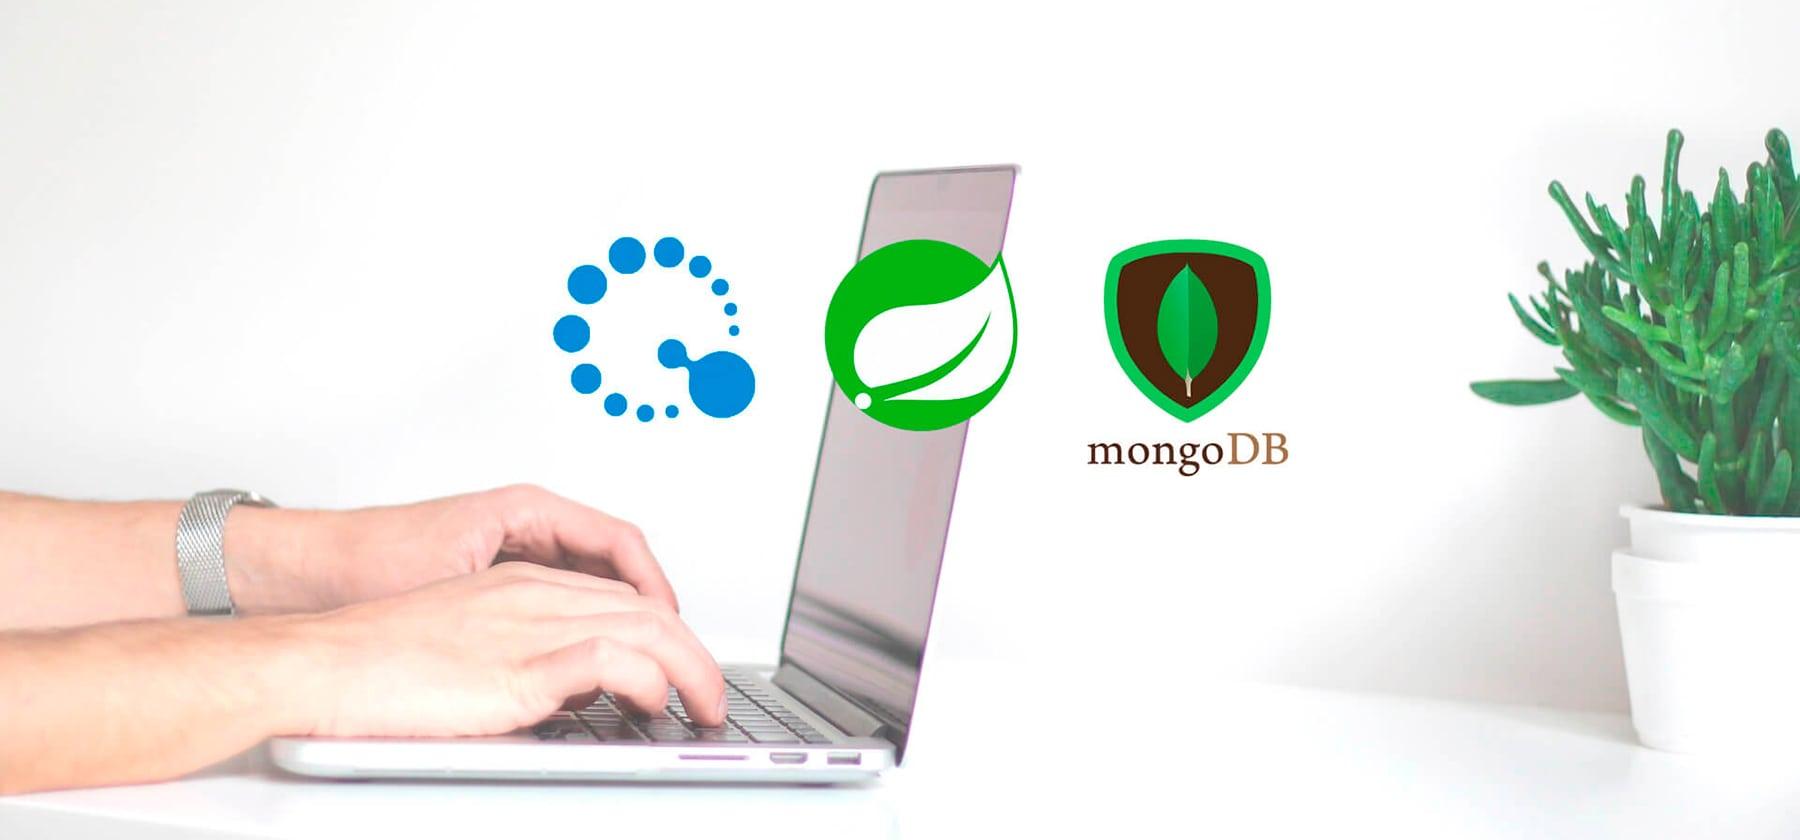 Usando Querydsl en Spring Data MongoDB